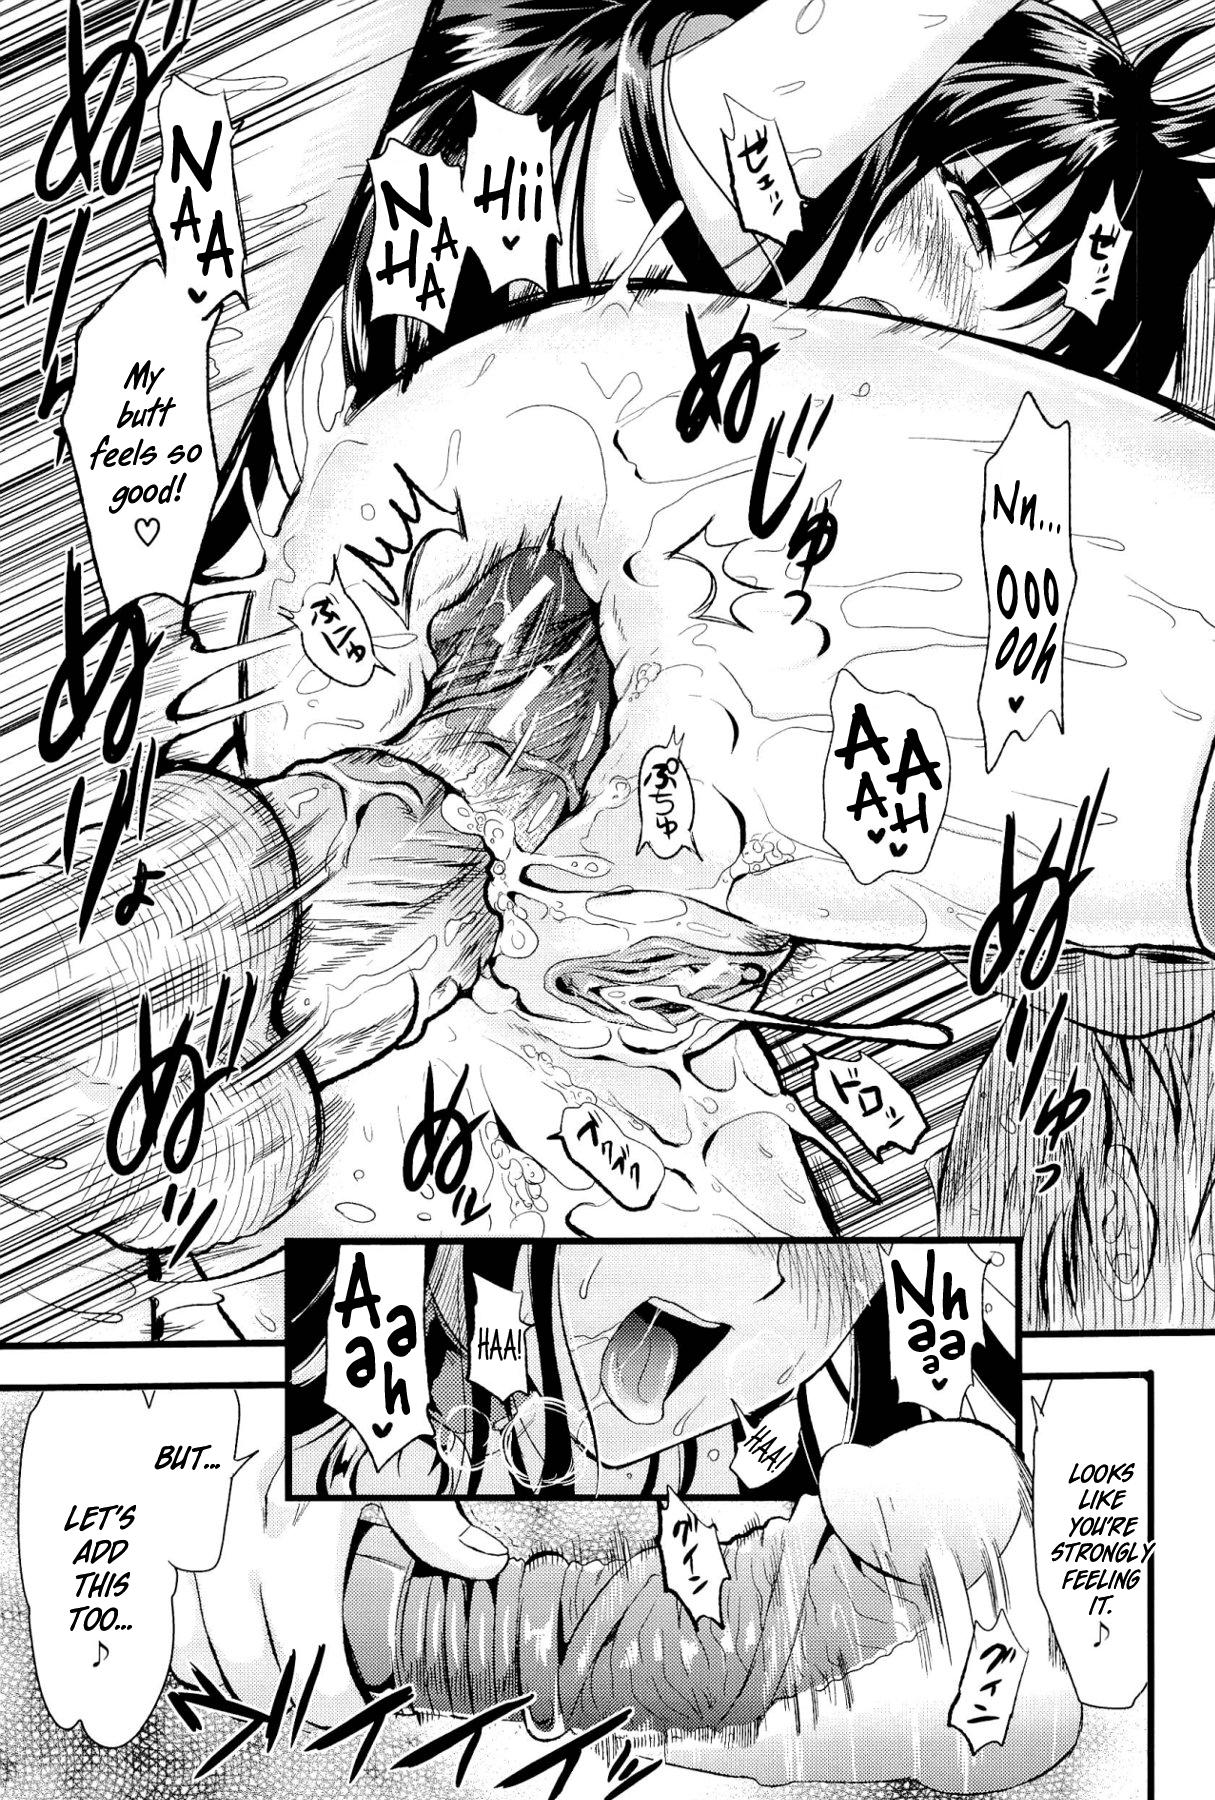 [Kojima Saya] Boku to Kanojo no Shujuu Kankei - Me And Her Master-Servant Relationship Ch. 1-3 [English] [freudia] 38